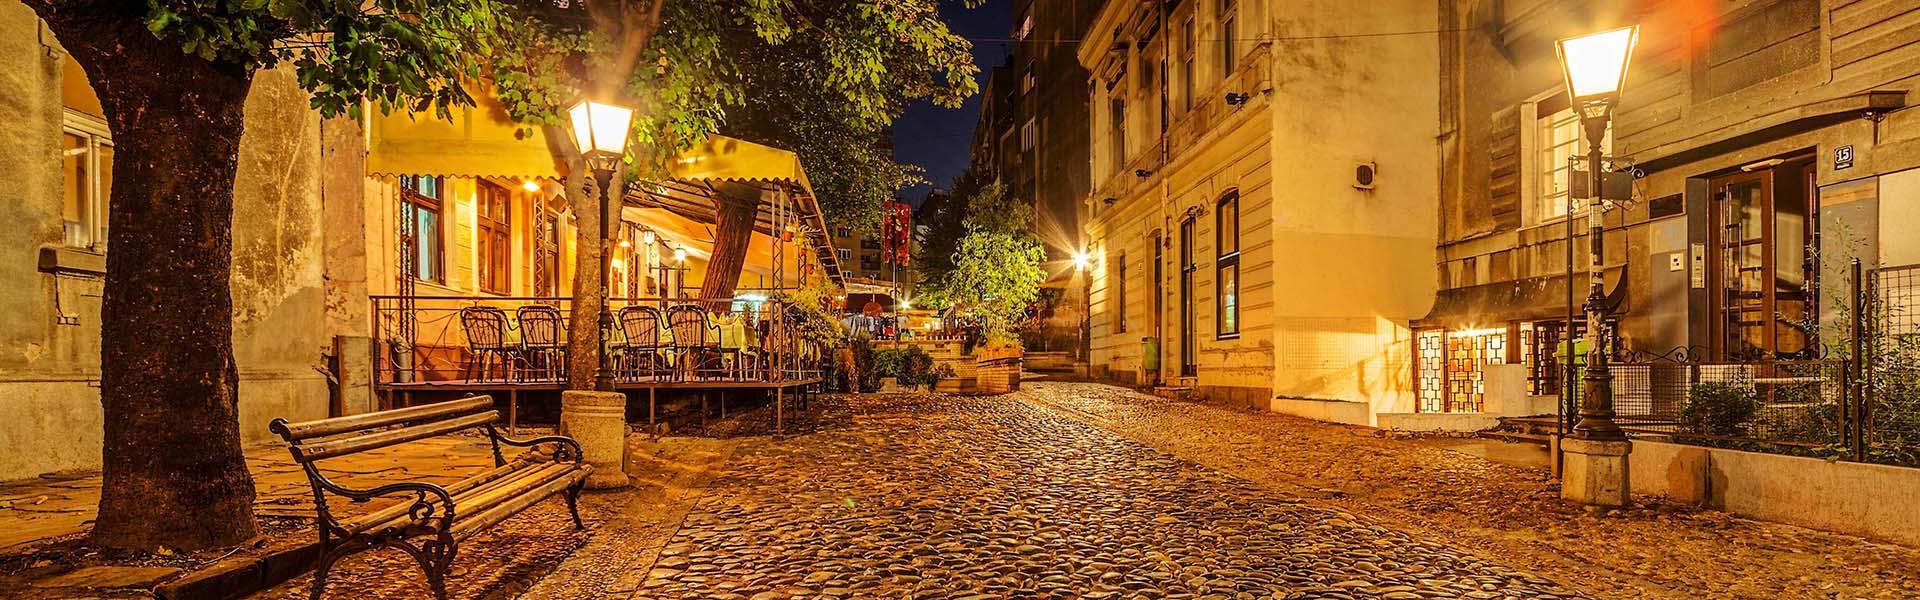 Dostava hrane Skadarlija | Beograd